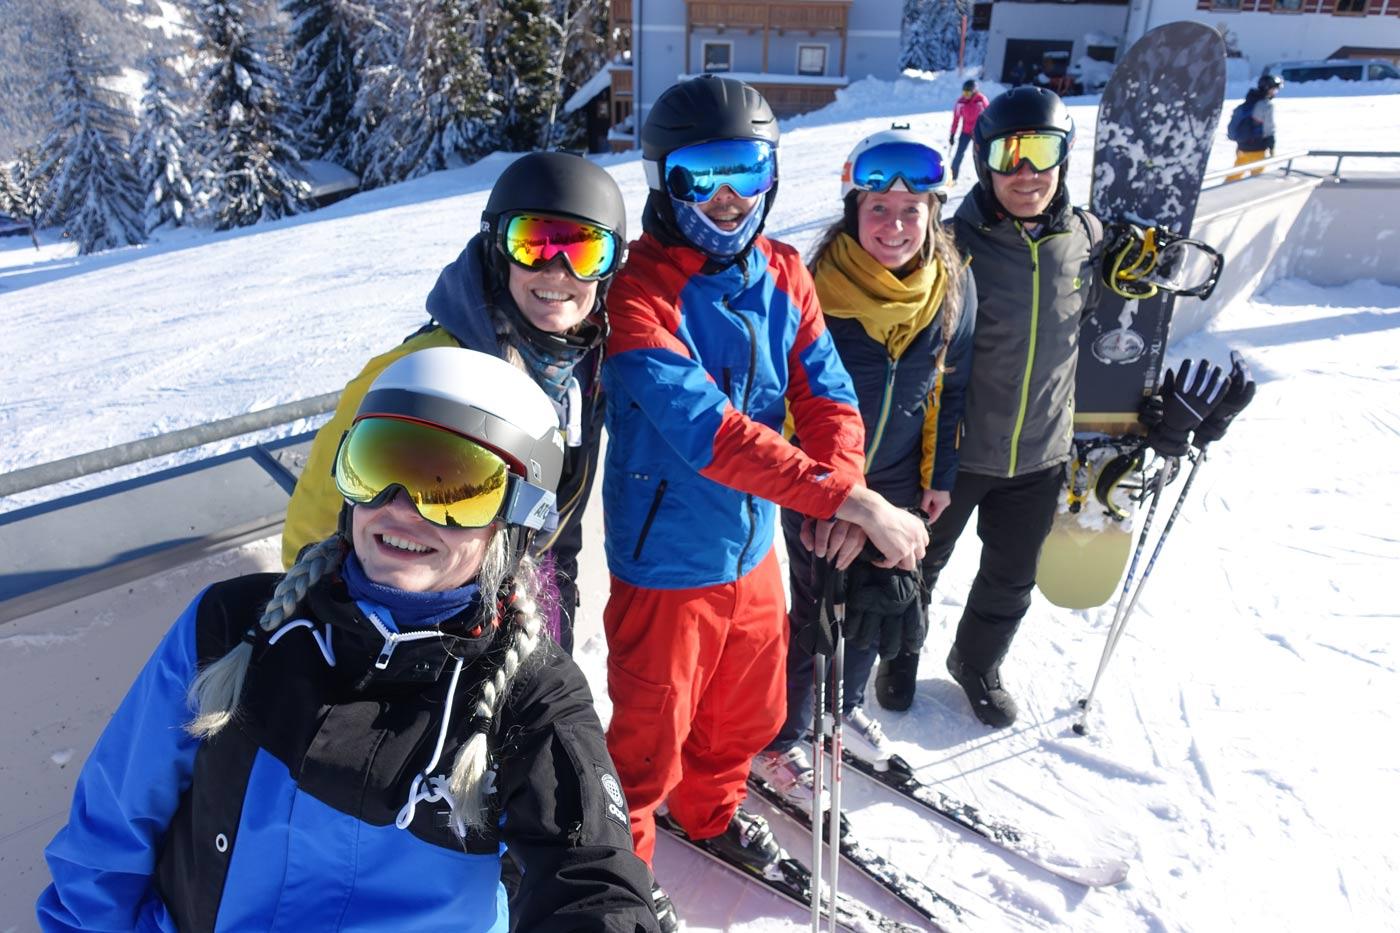 Wintersport groep